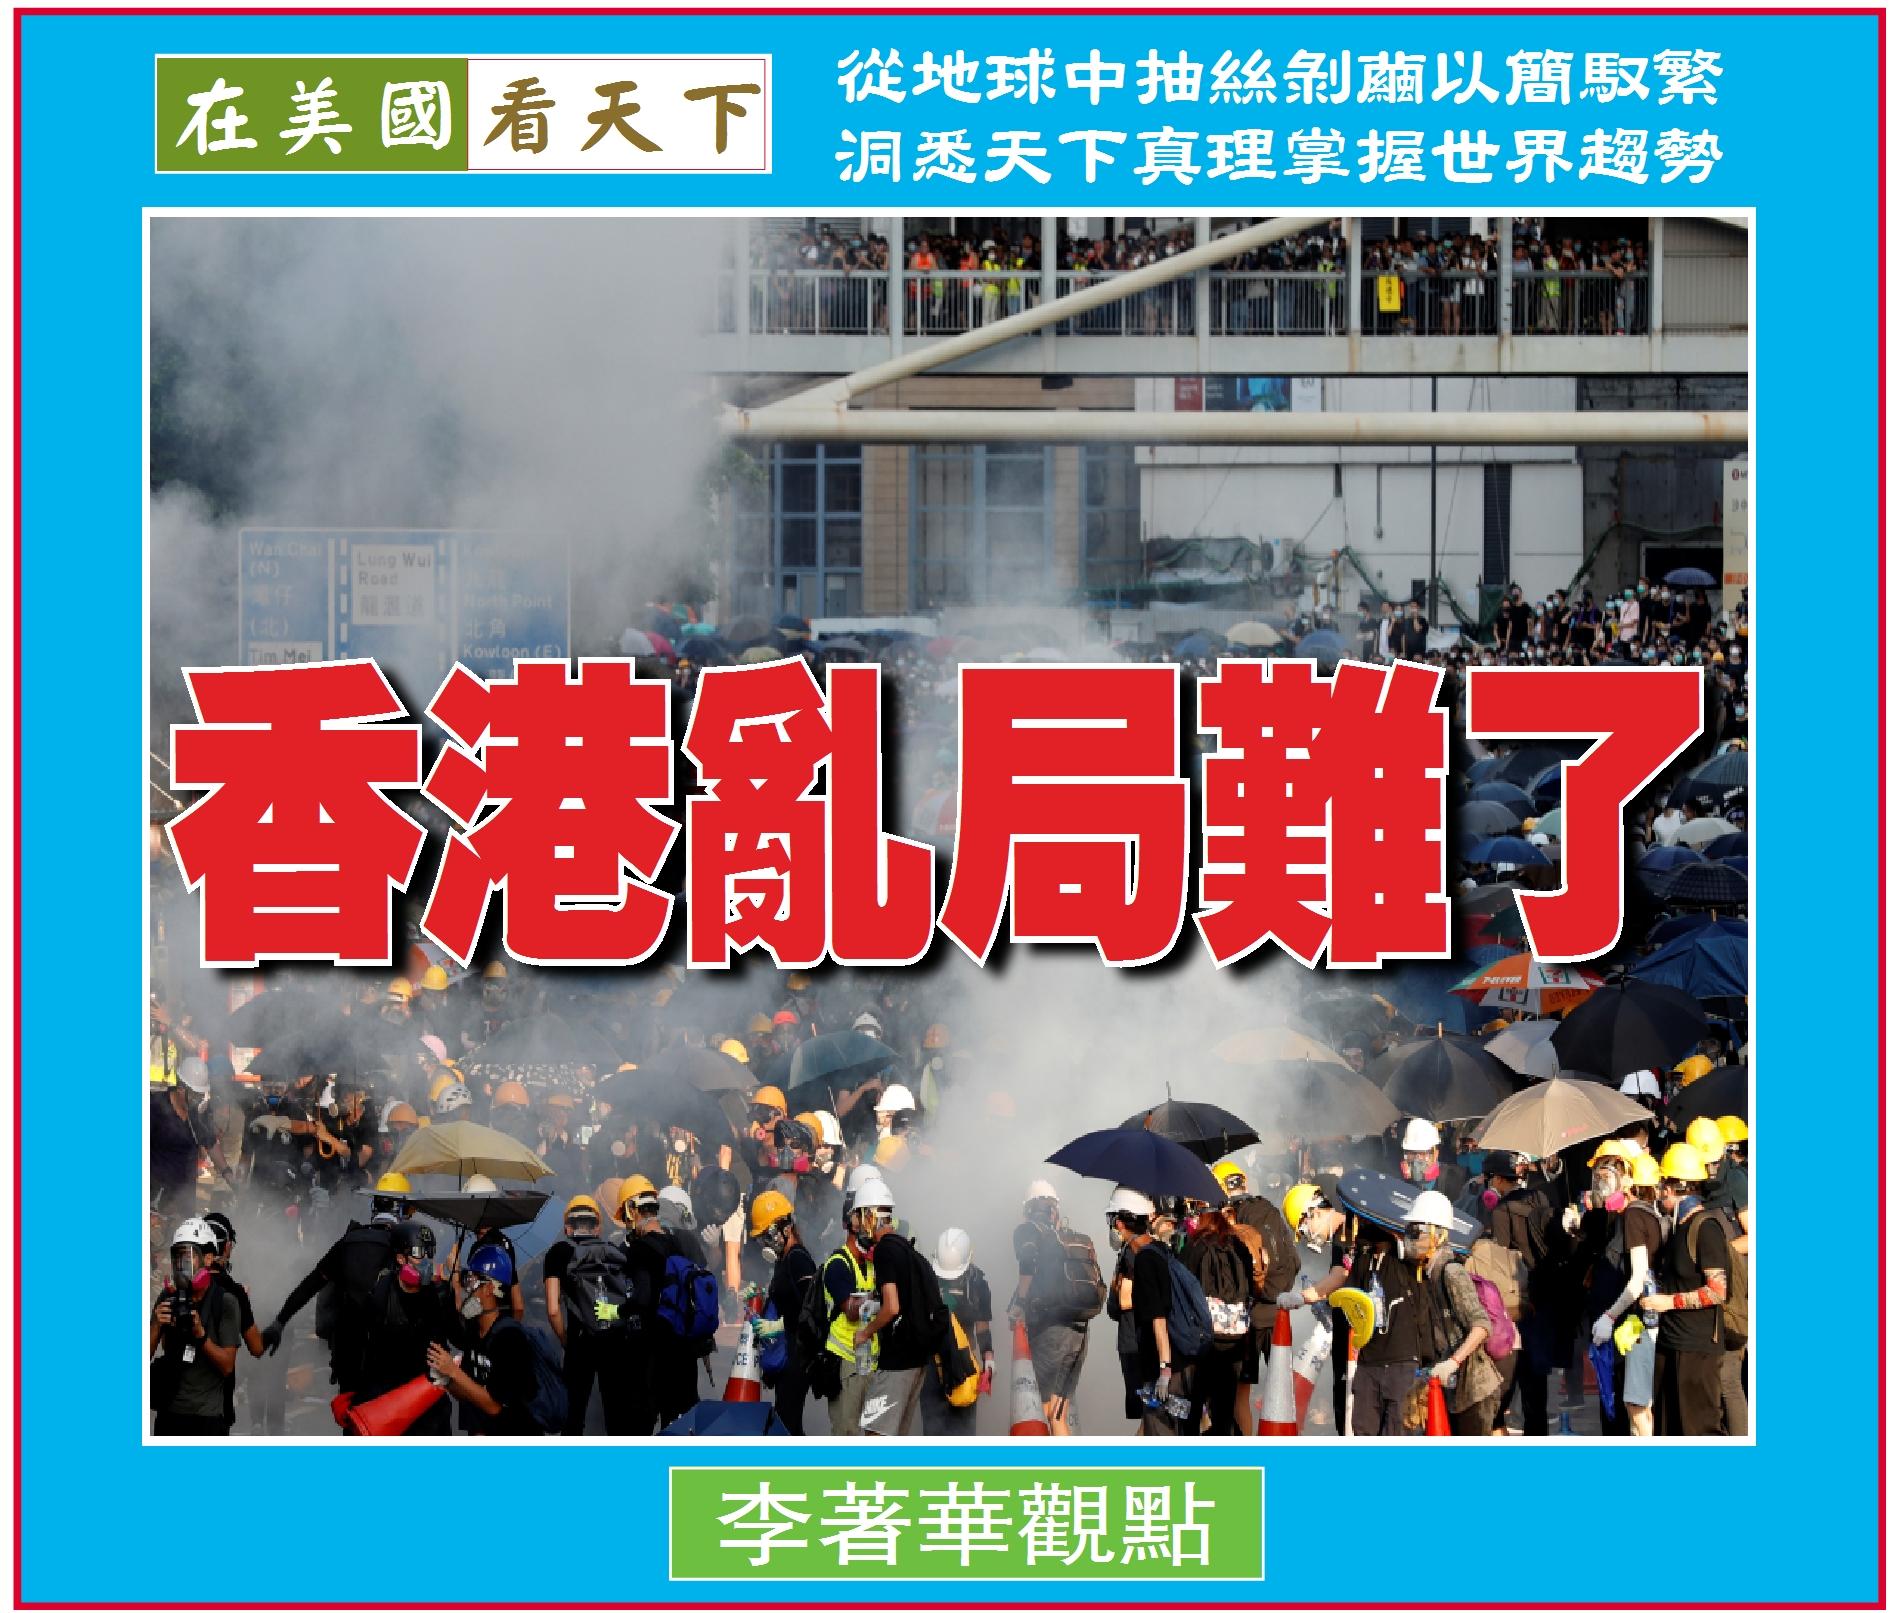 080619-香港亂局難了-1